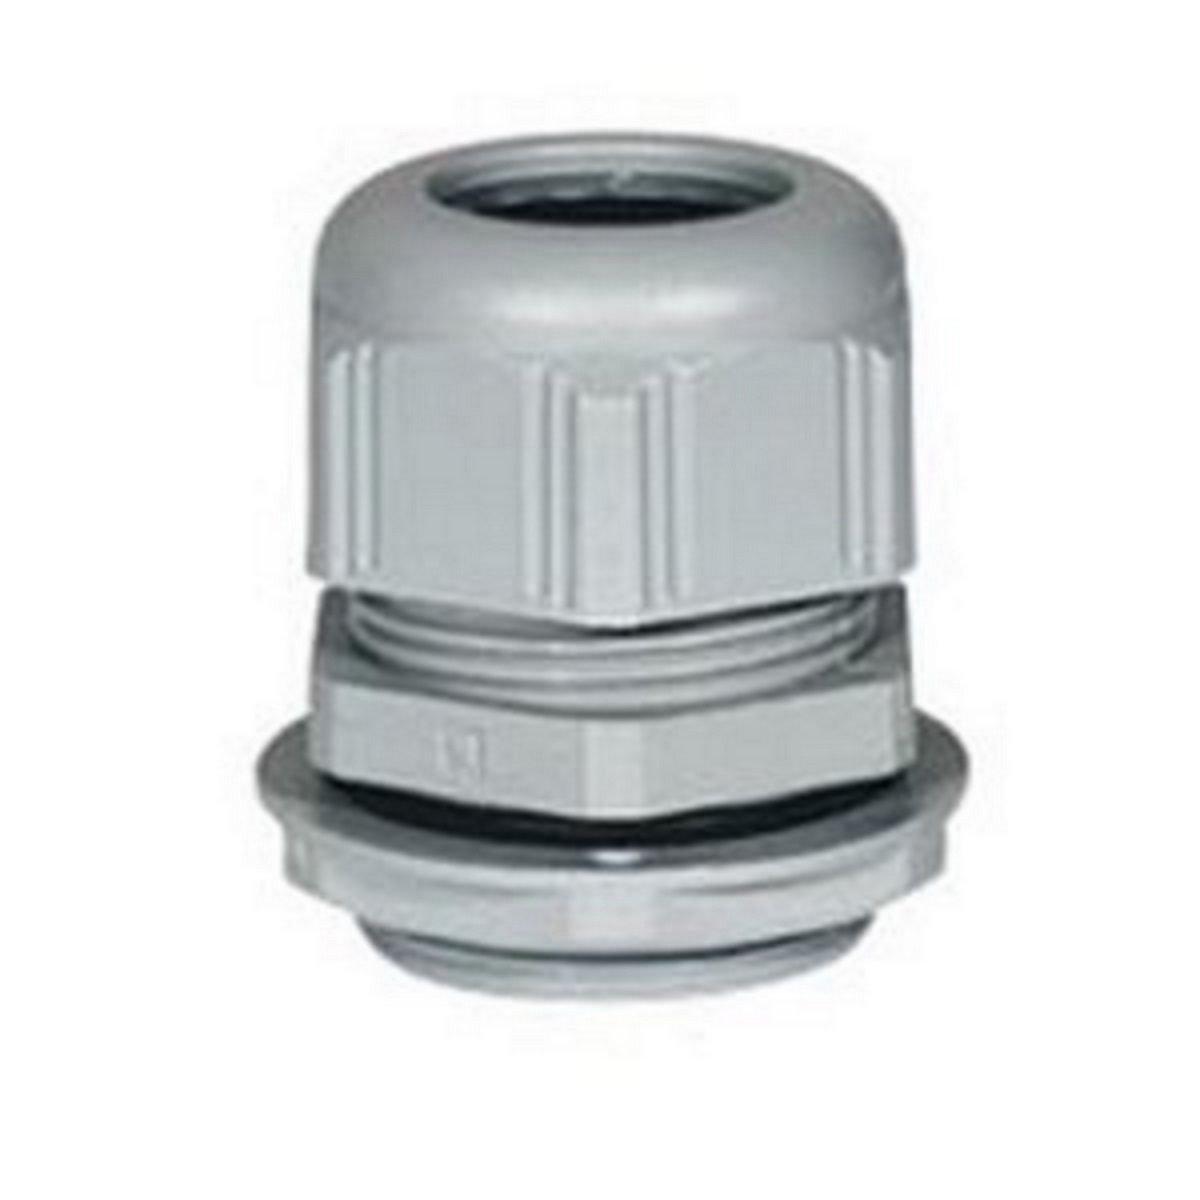 Legrand LEG98008 Presse-é toupe plastique IP68 iso 50 Accessoire electricite presse etoupe bouchon ecrou metal joint